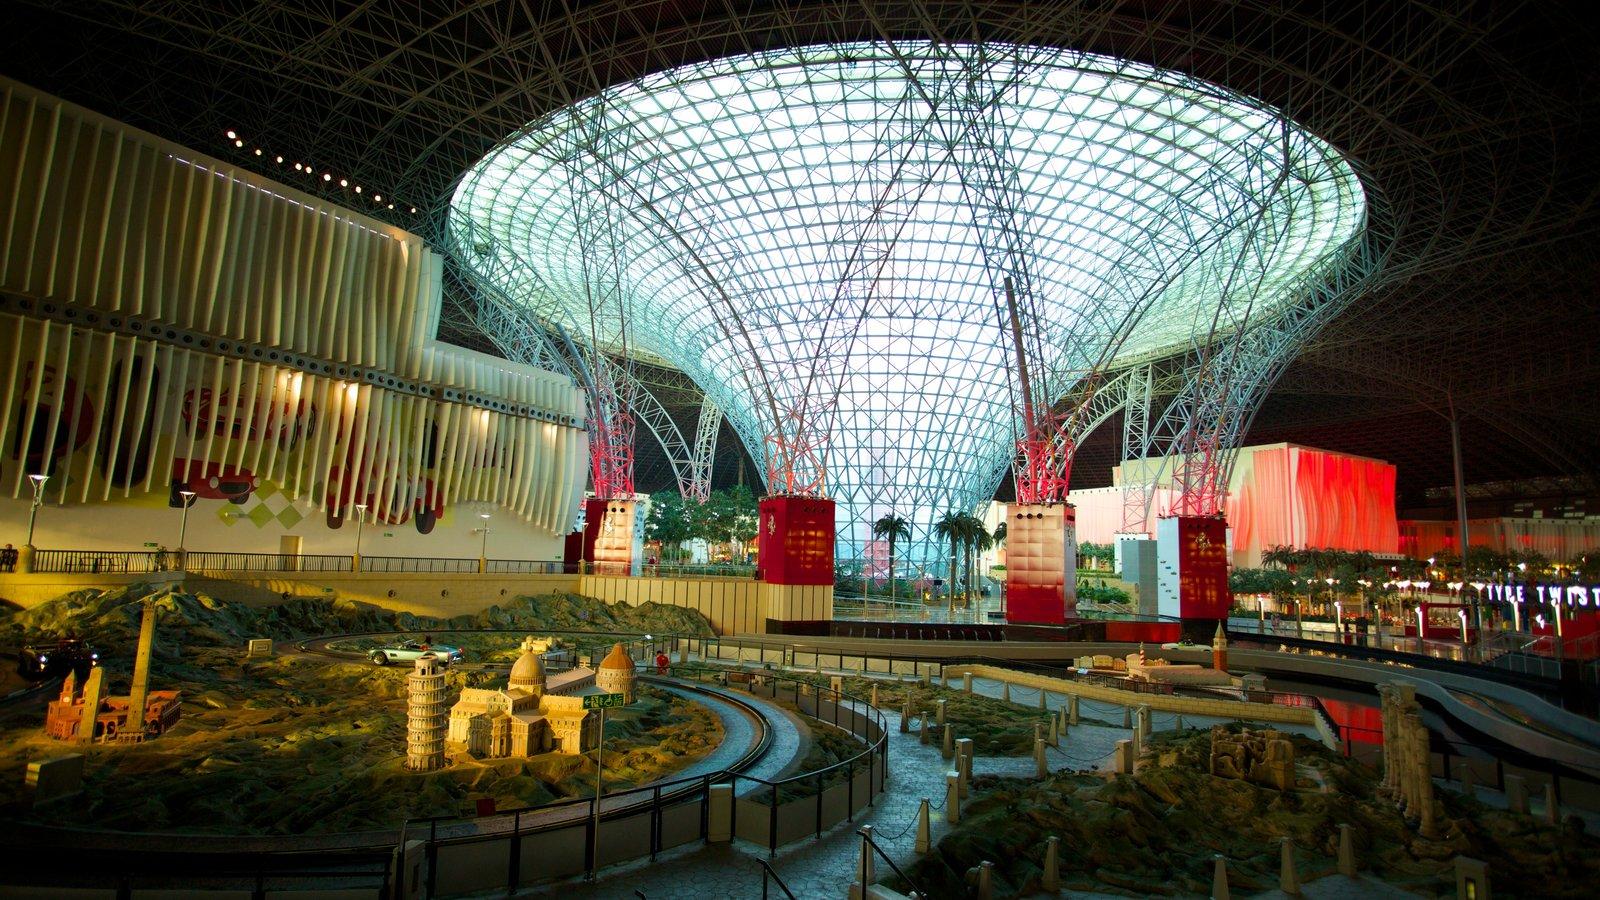 Ferrari World que incluye vistas interiores y arquitectura moderna